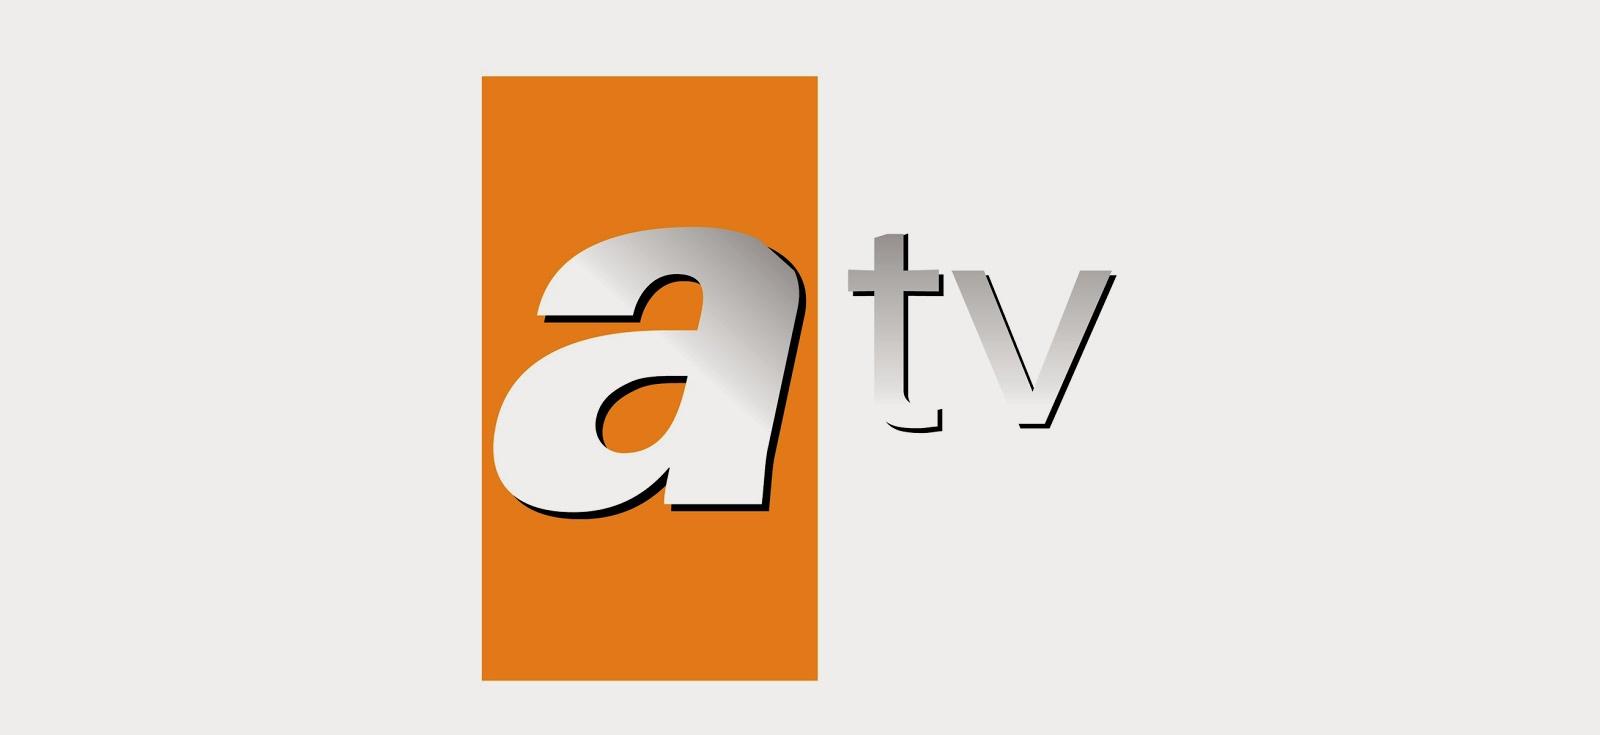 25 Eylül 2021 Cumartesi TV yayın akışı: Bugün televizyonda hangi diziler var? | Bugün TV'de ne var?